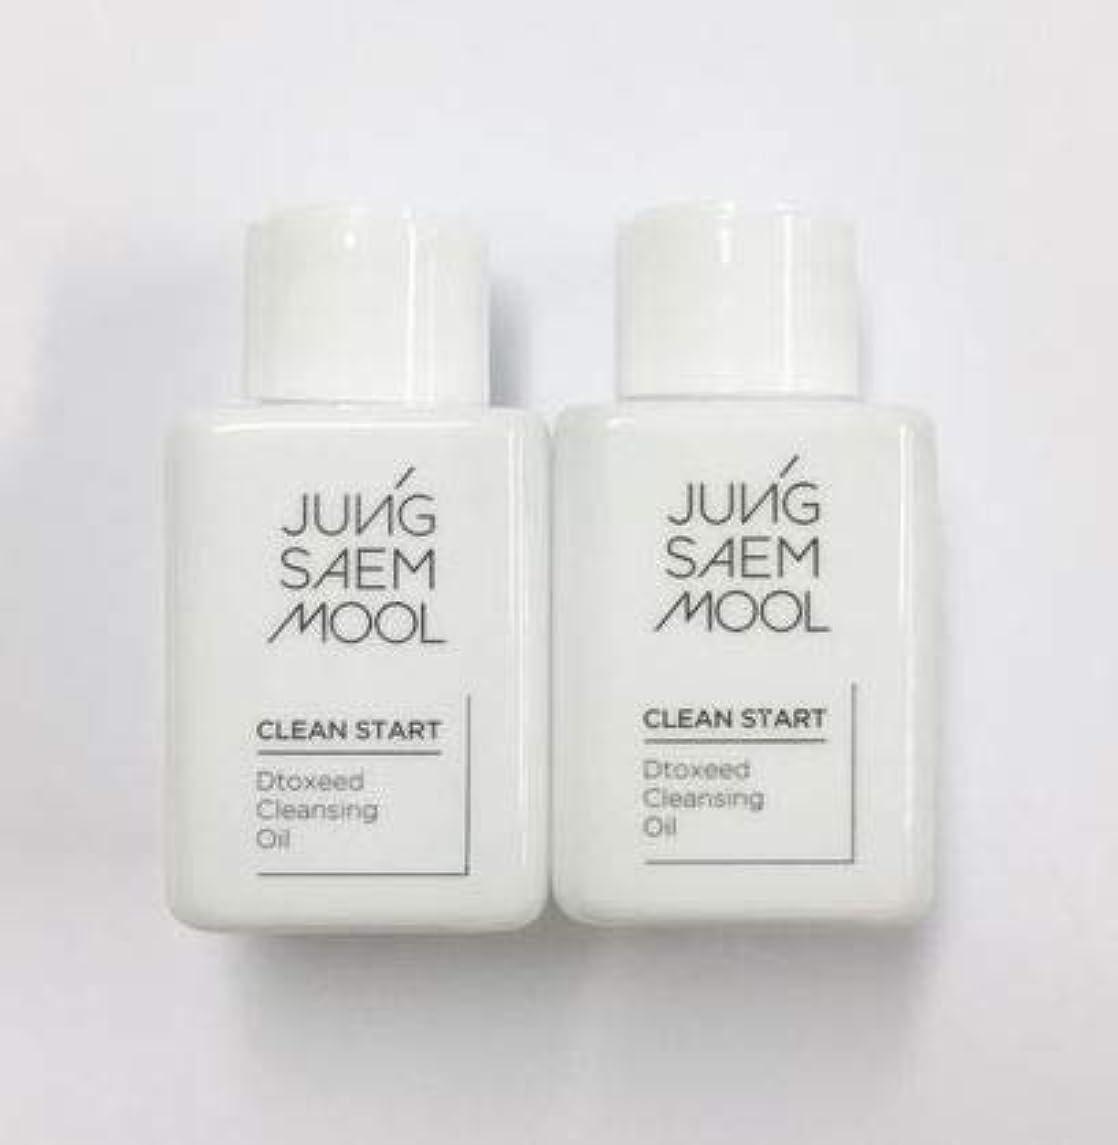 プラグスキャンダラスコマンドJUNG SAEM MOOL Clean Start Dtoxeed Cleansing Oil_サンプル (30ml)*2ea [並行輸入品]